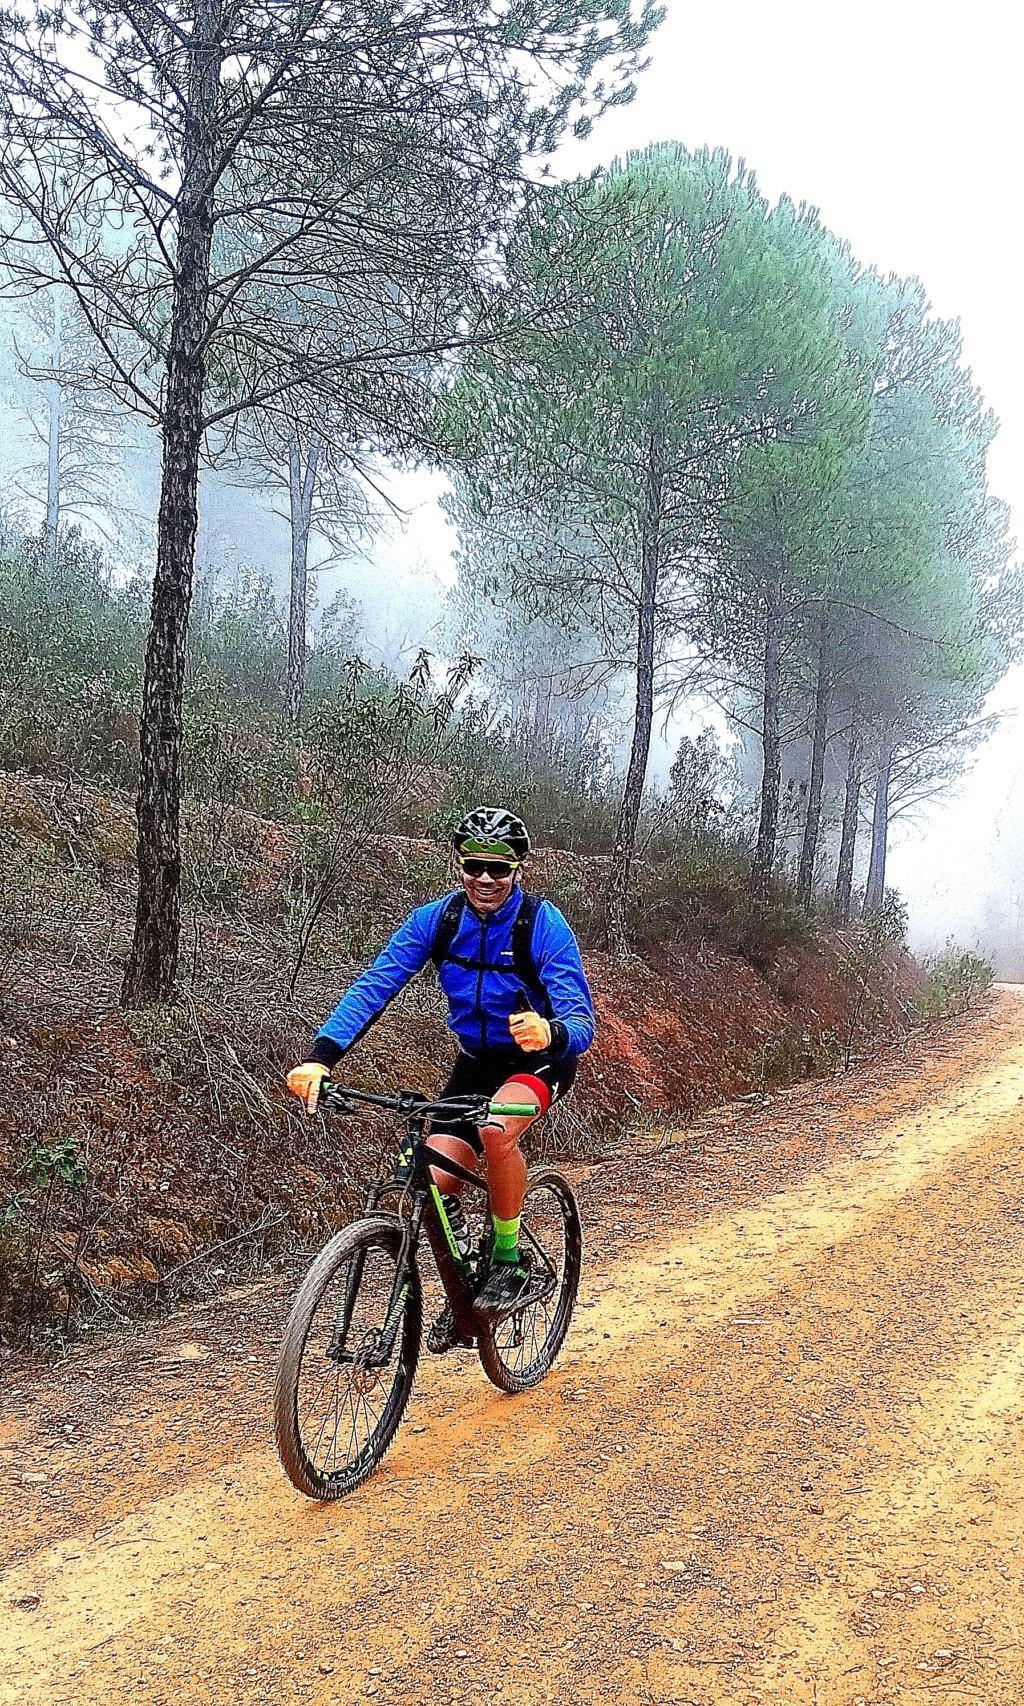 SABADO 08/02/2020 Valverde del Camino - DOLMENES - Pozuelo- Valverde (46 Km y 700m.) Img_2014